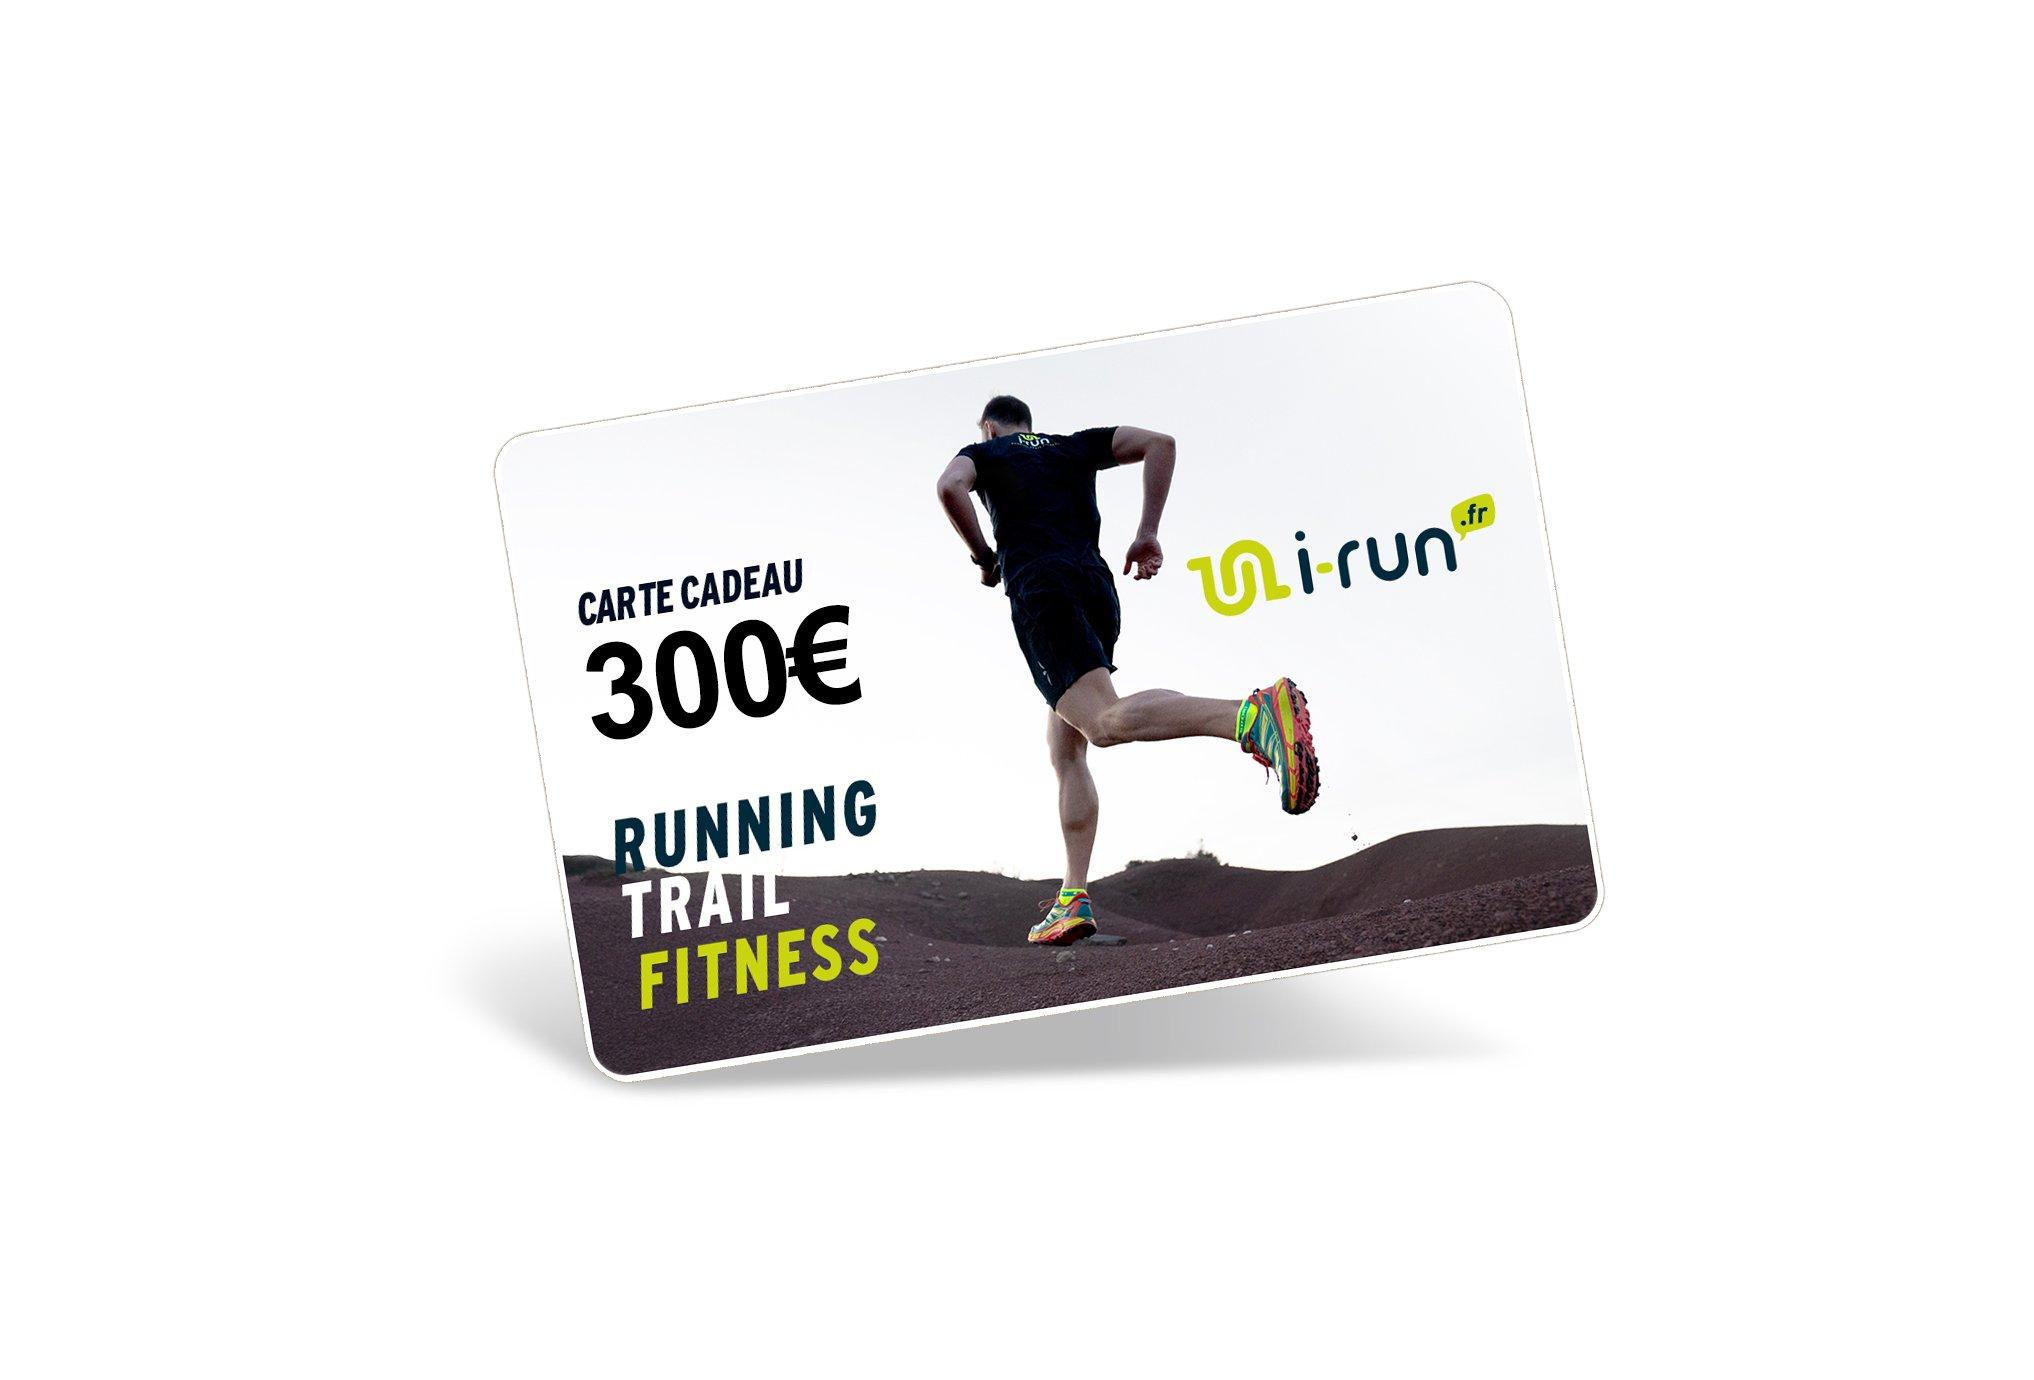 i-run.fr Carte Cadeau 300 M Cartes Cadeau